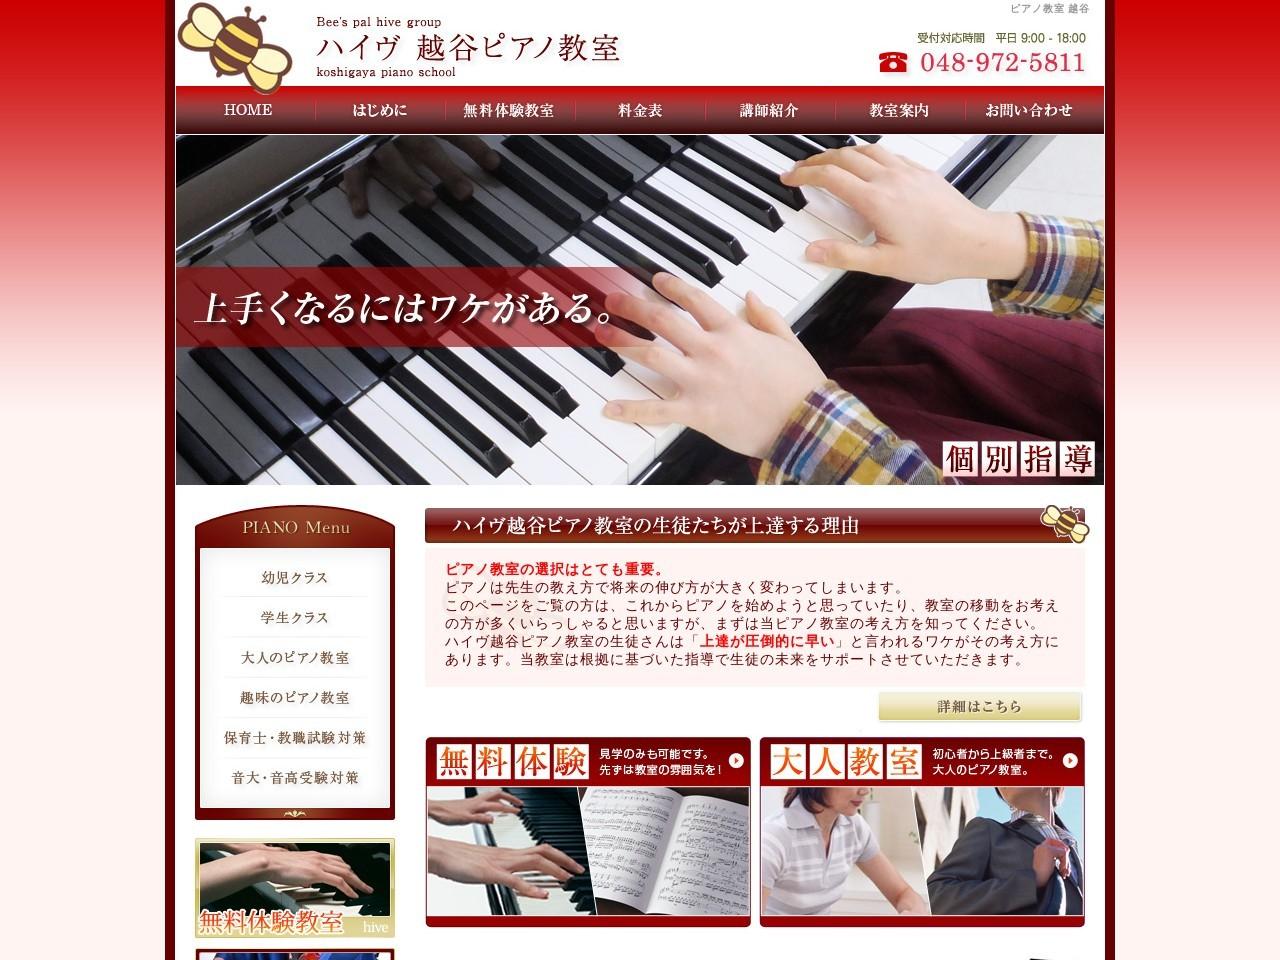 ハイヴ越谷ピアノ教室のサムネイル